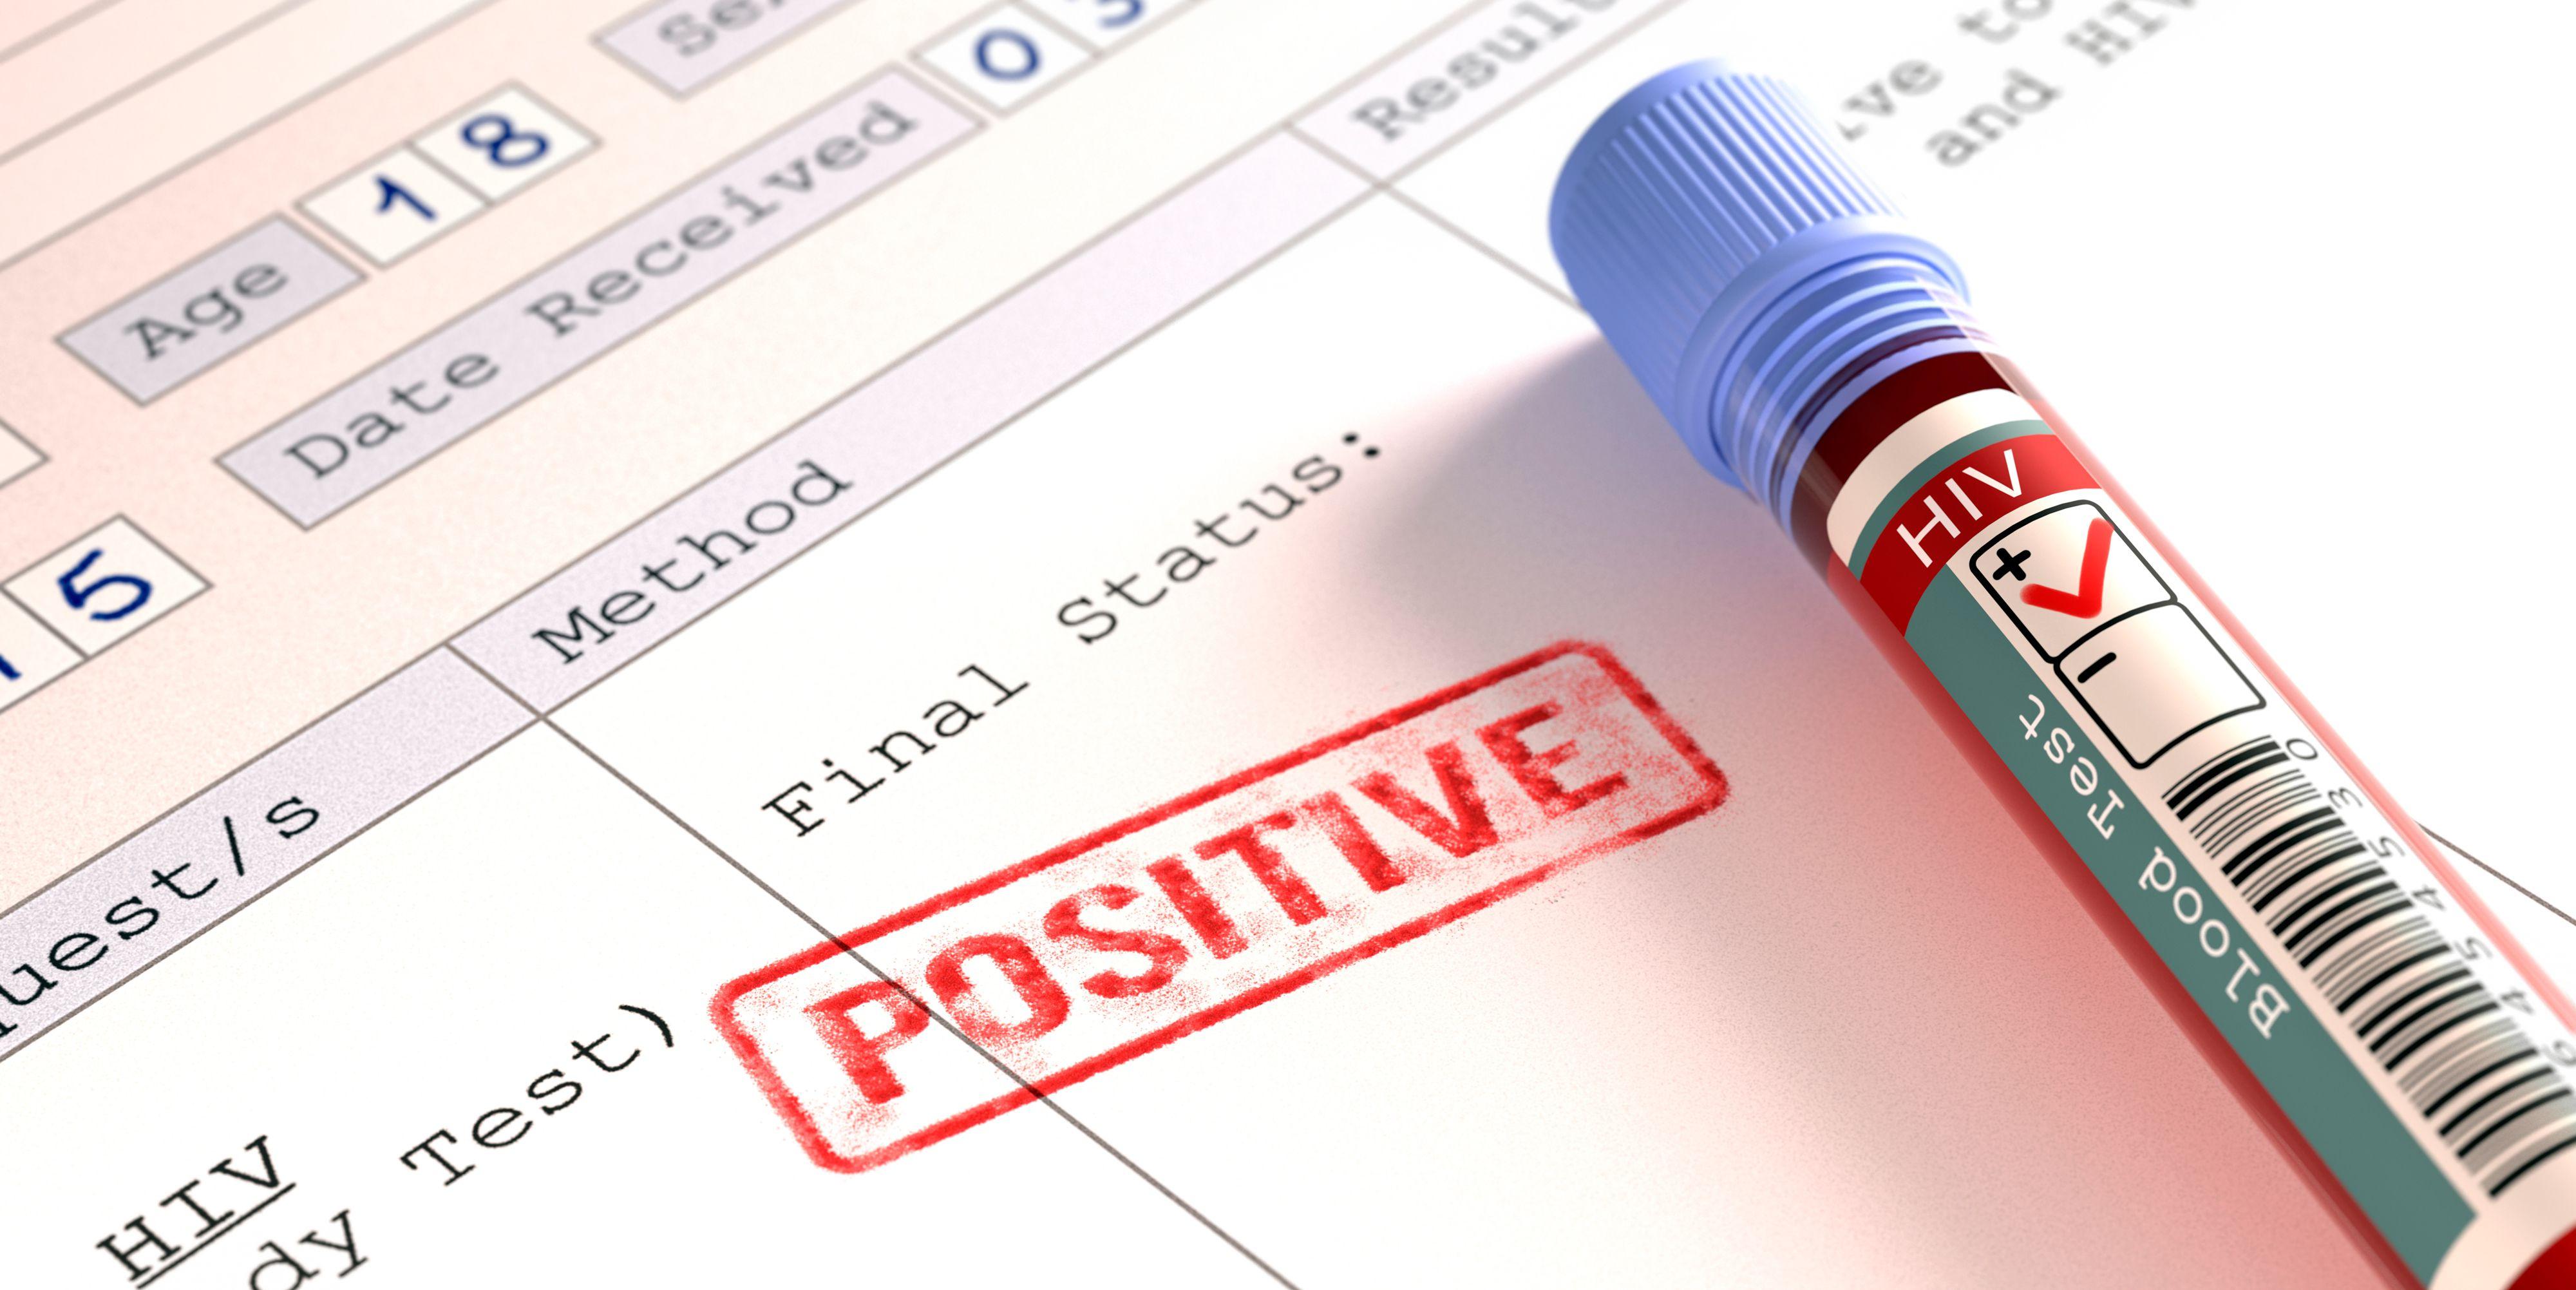 पाकिस्तान में फैला एचआईवी, अब तक 400 मरीज़ आये सामने